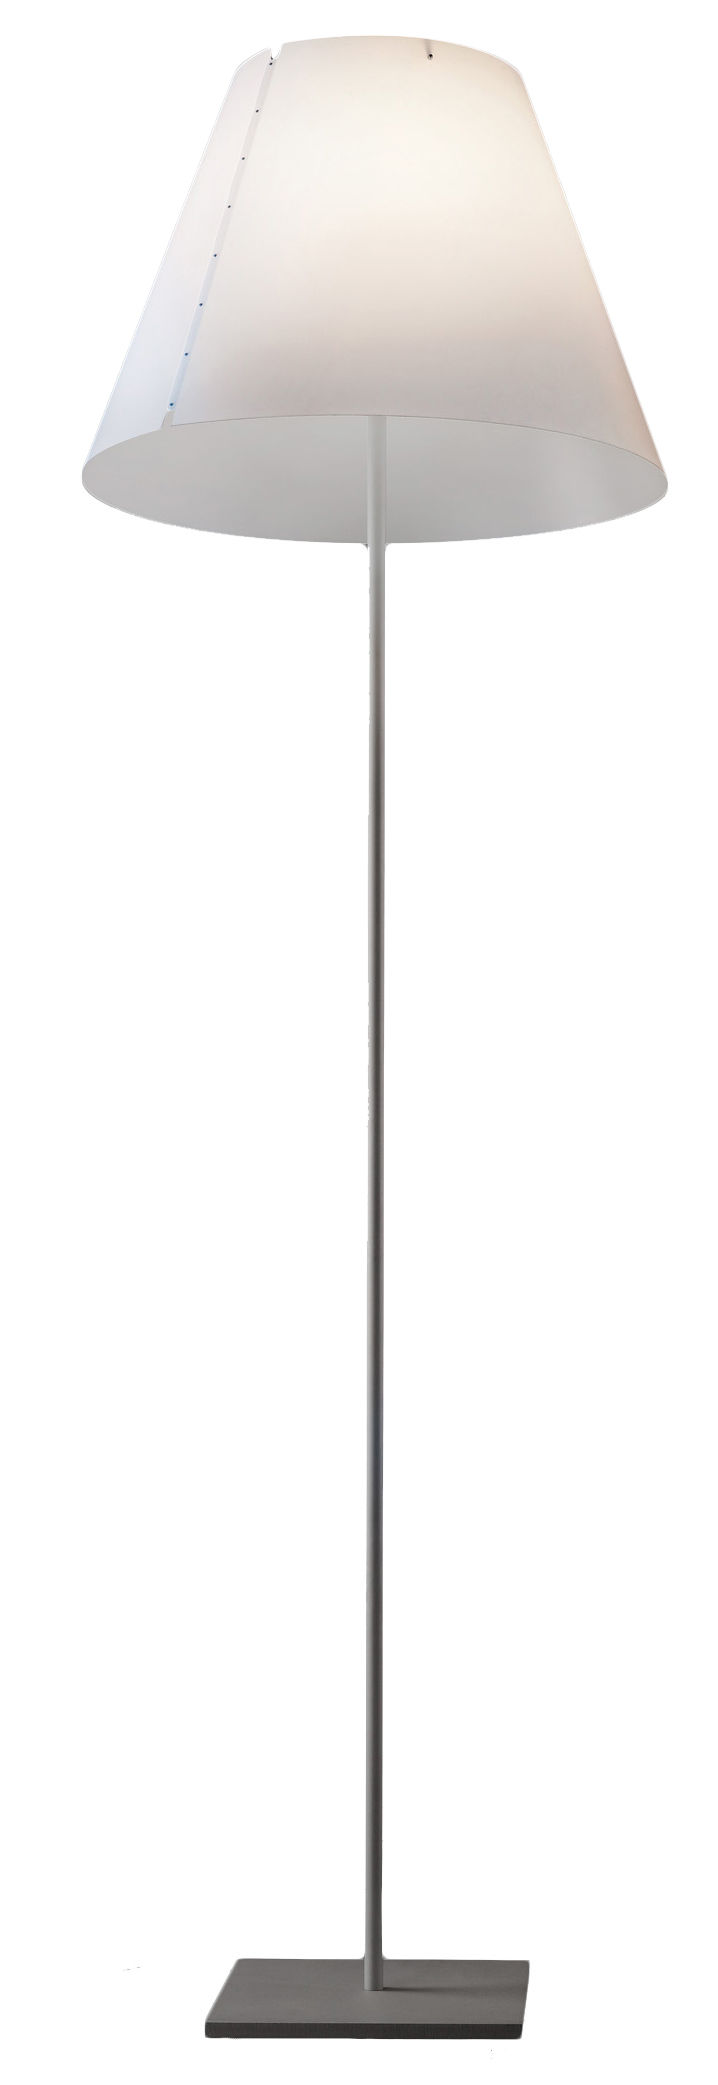 Luminaire - Lampadaires - Lampadaire Grande Costanza - Luceplan - Alu / blanc - Aluminium